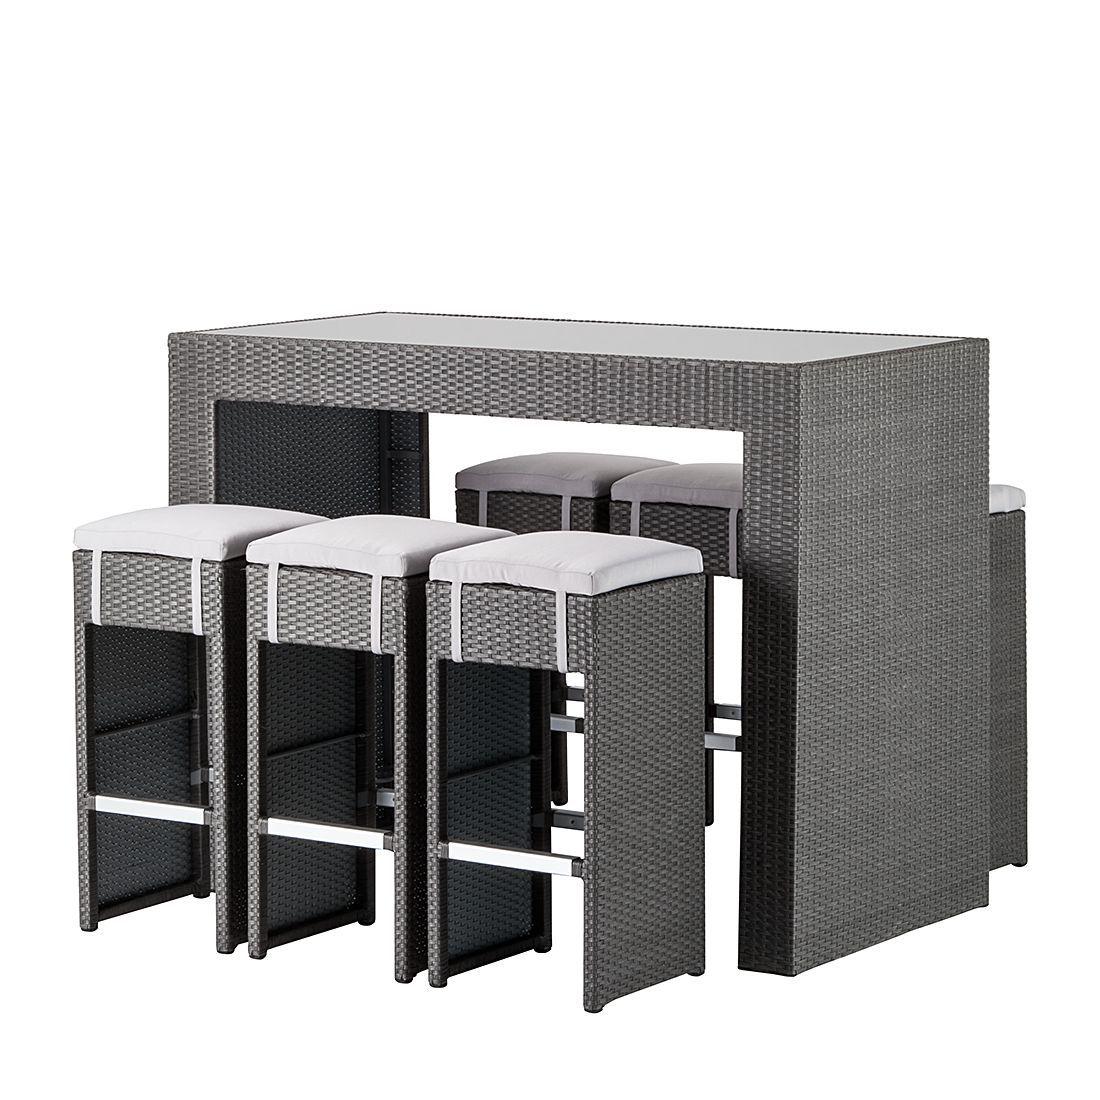 gartenbar-set paradise lounge (7-teilig) - polyrattan grau, Garten Ideen